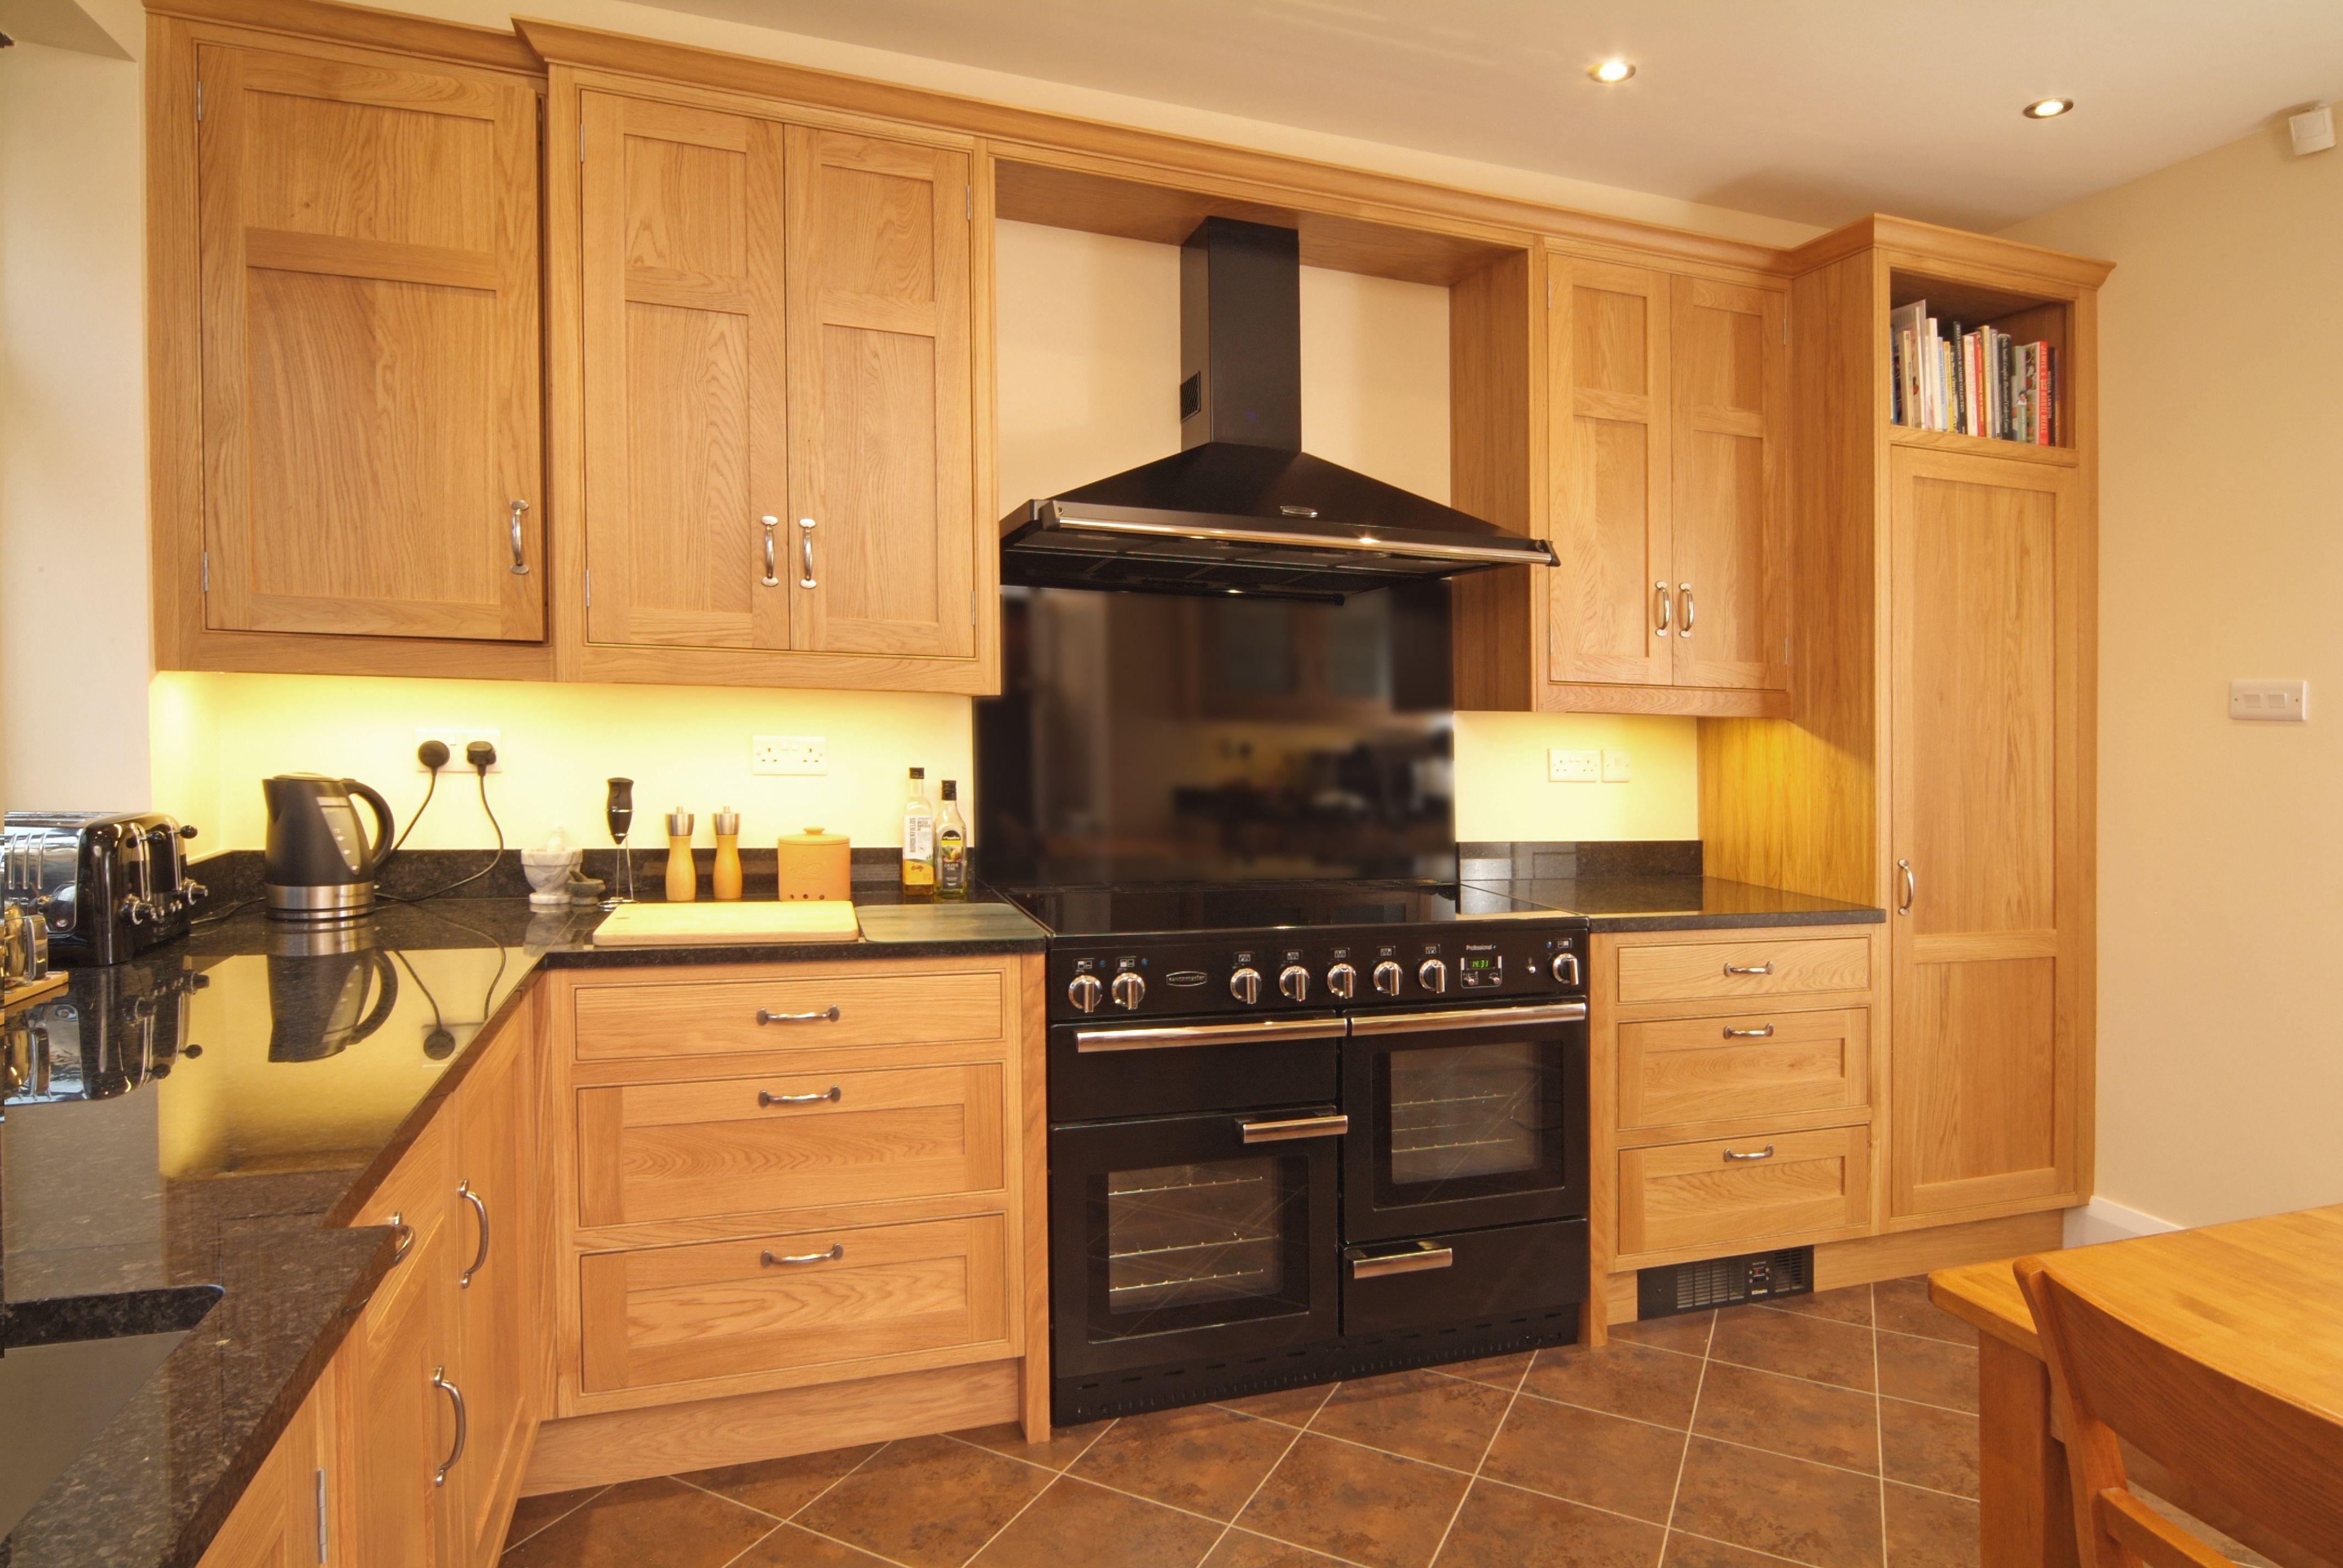 Oak shaker kitchen with black splash back woodenverticalblinds